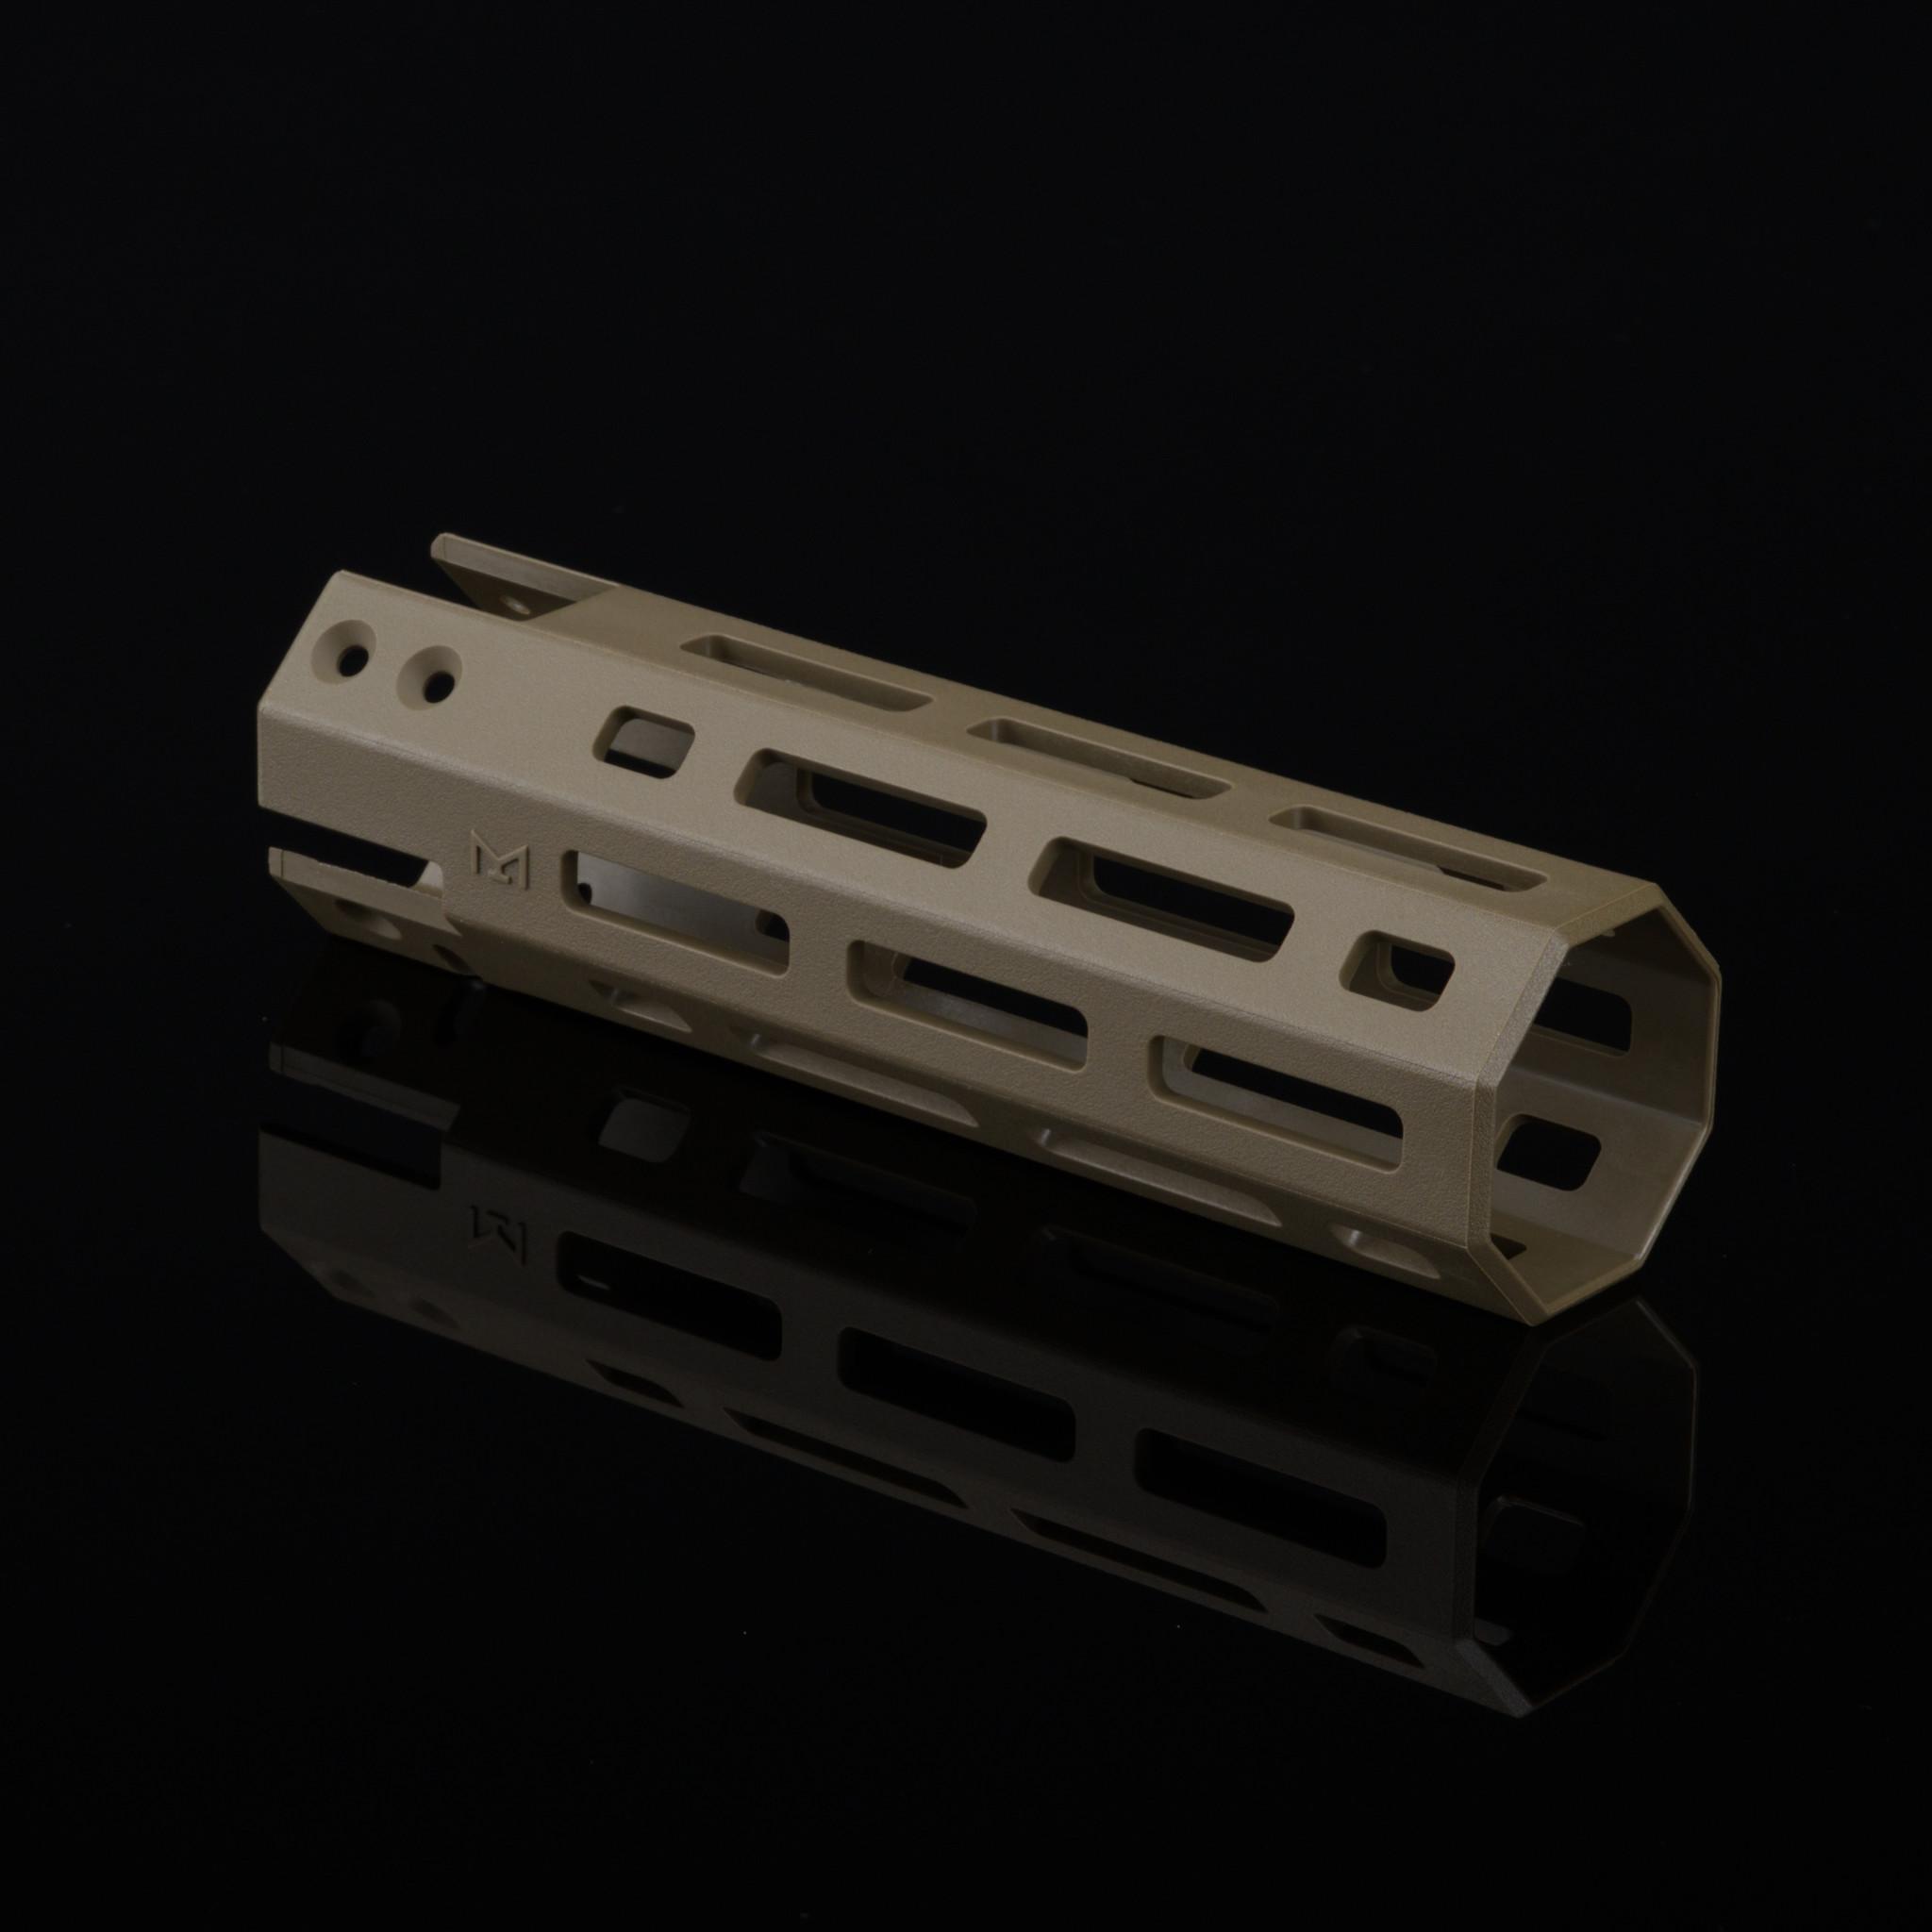 Silverback SRS-A2 Polymer Mlok Handguard - FDE